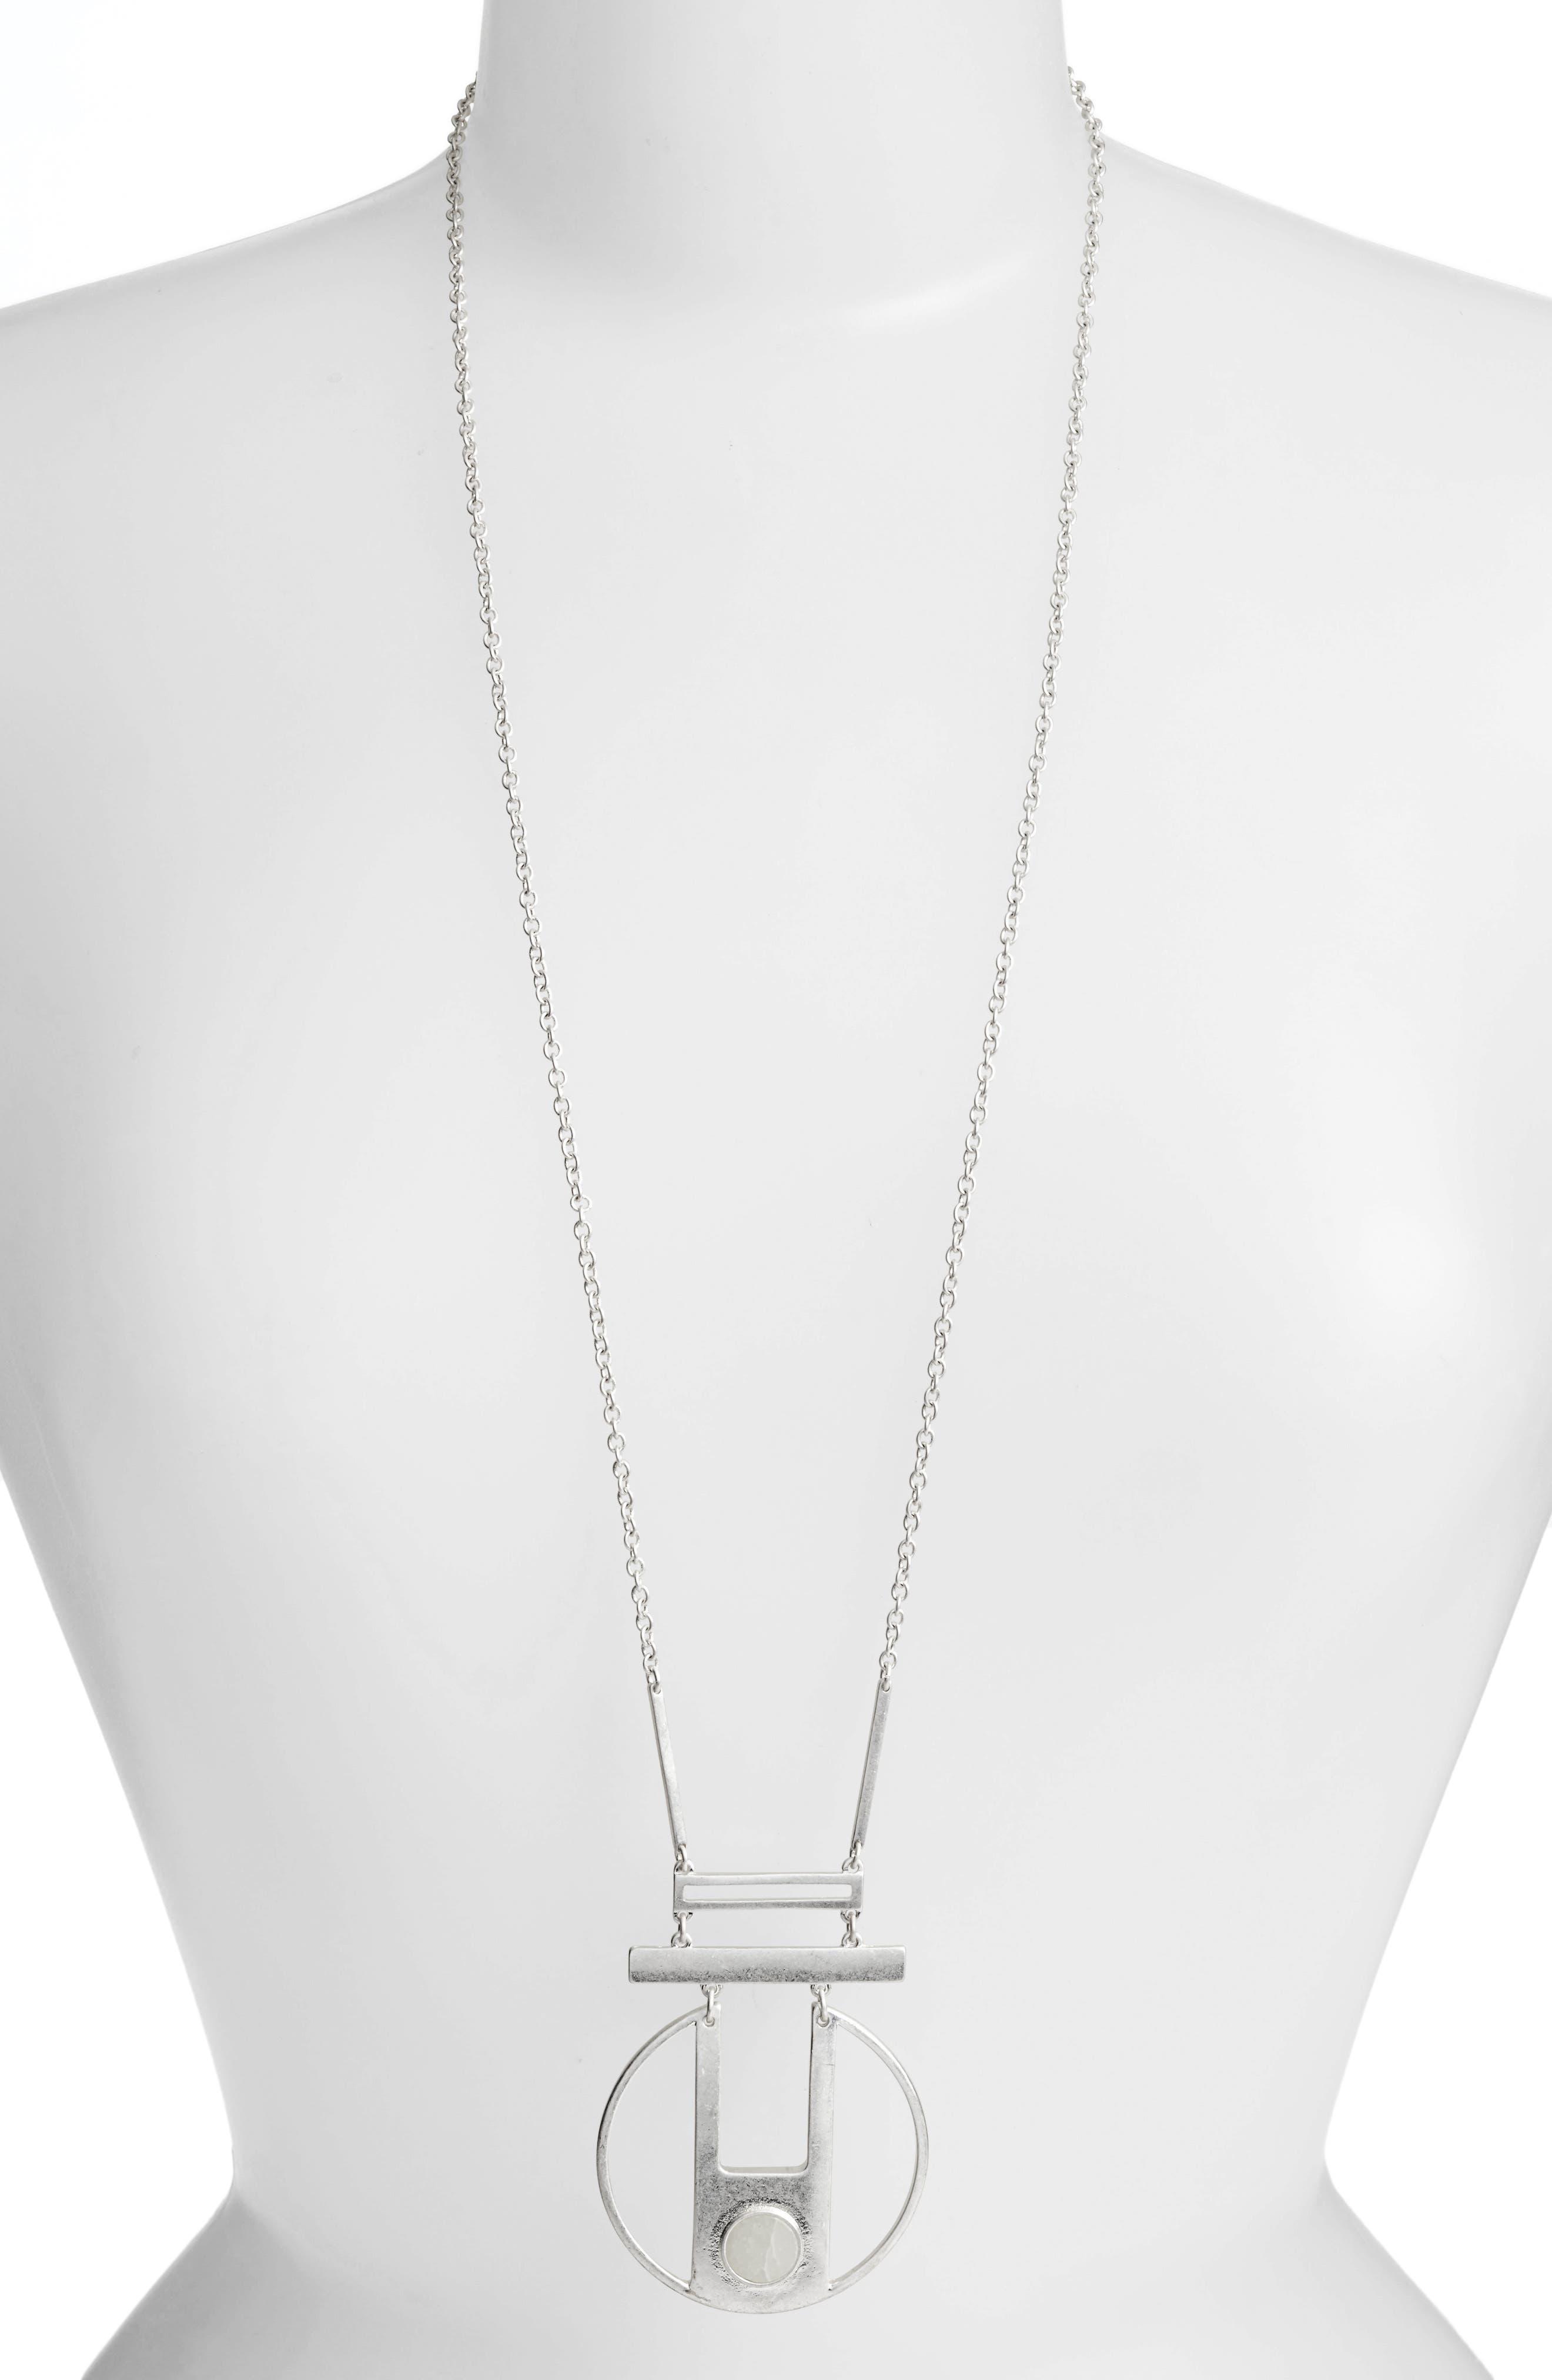 Opal Pendant Necklace,                             Main thumbnail 1, color,                             040